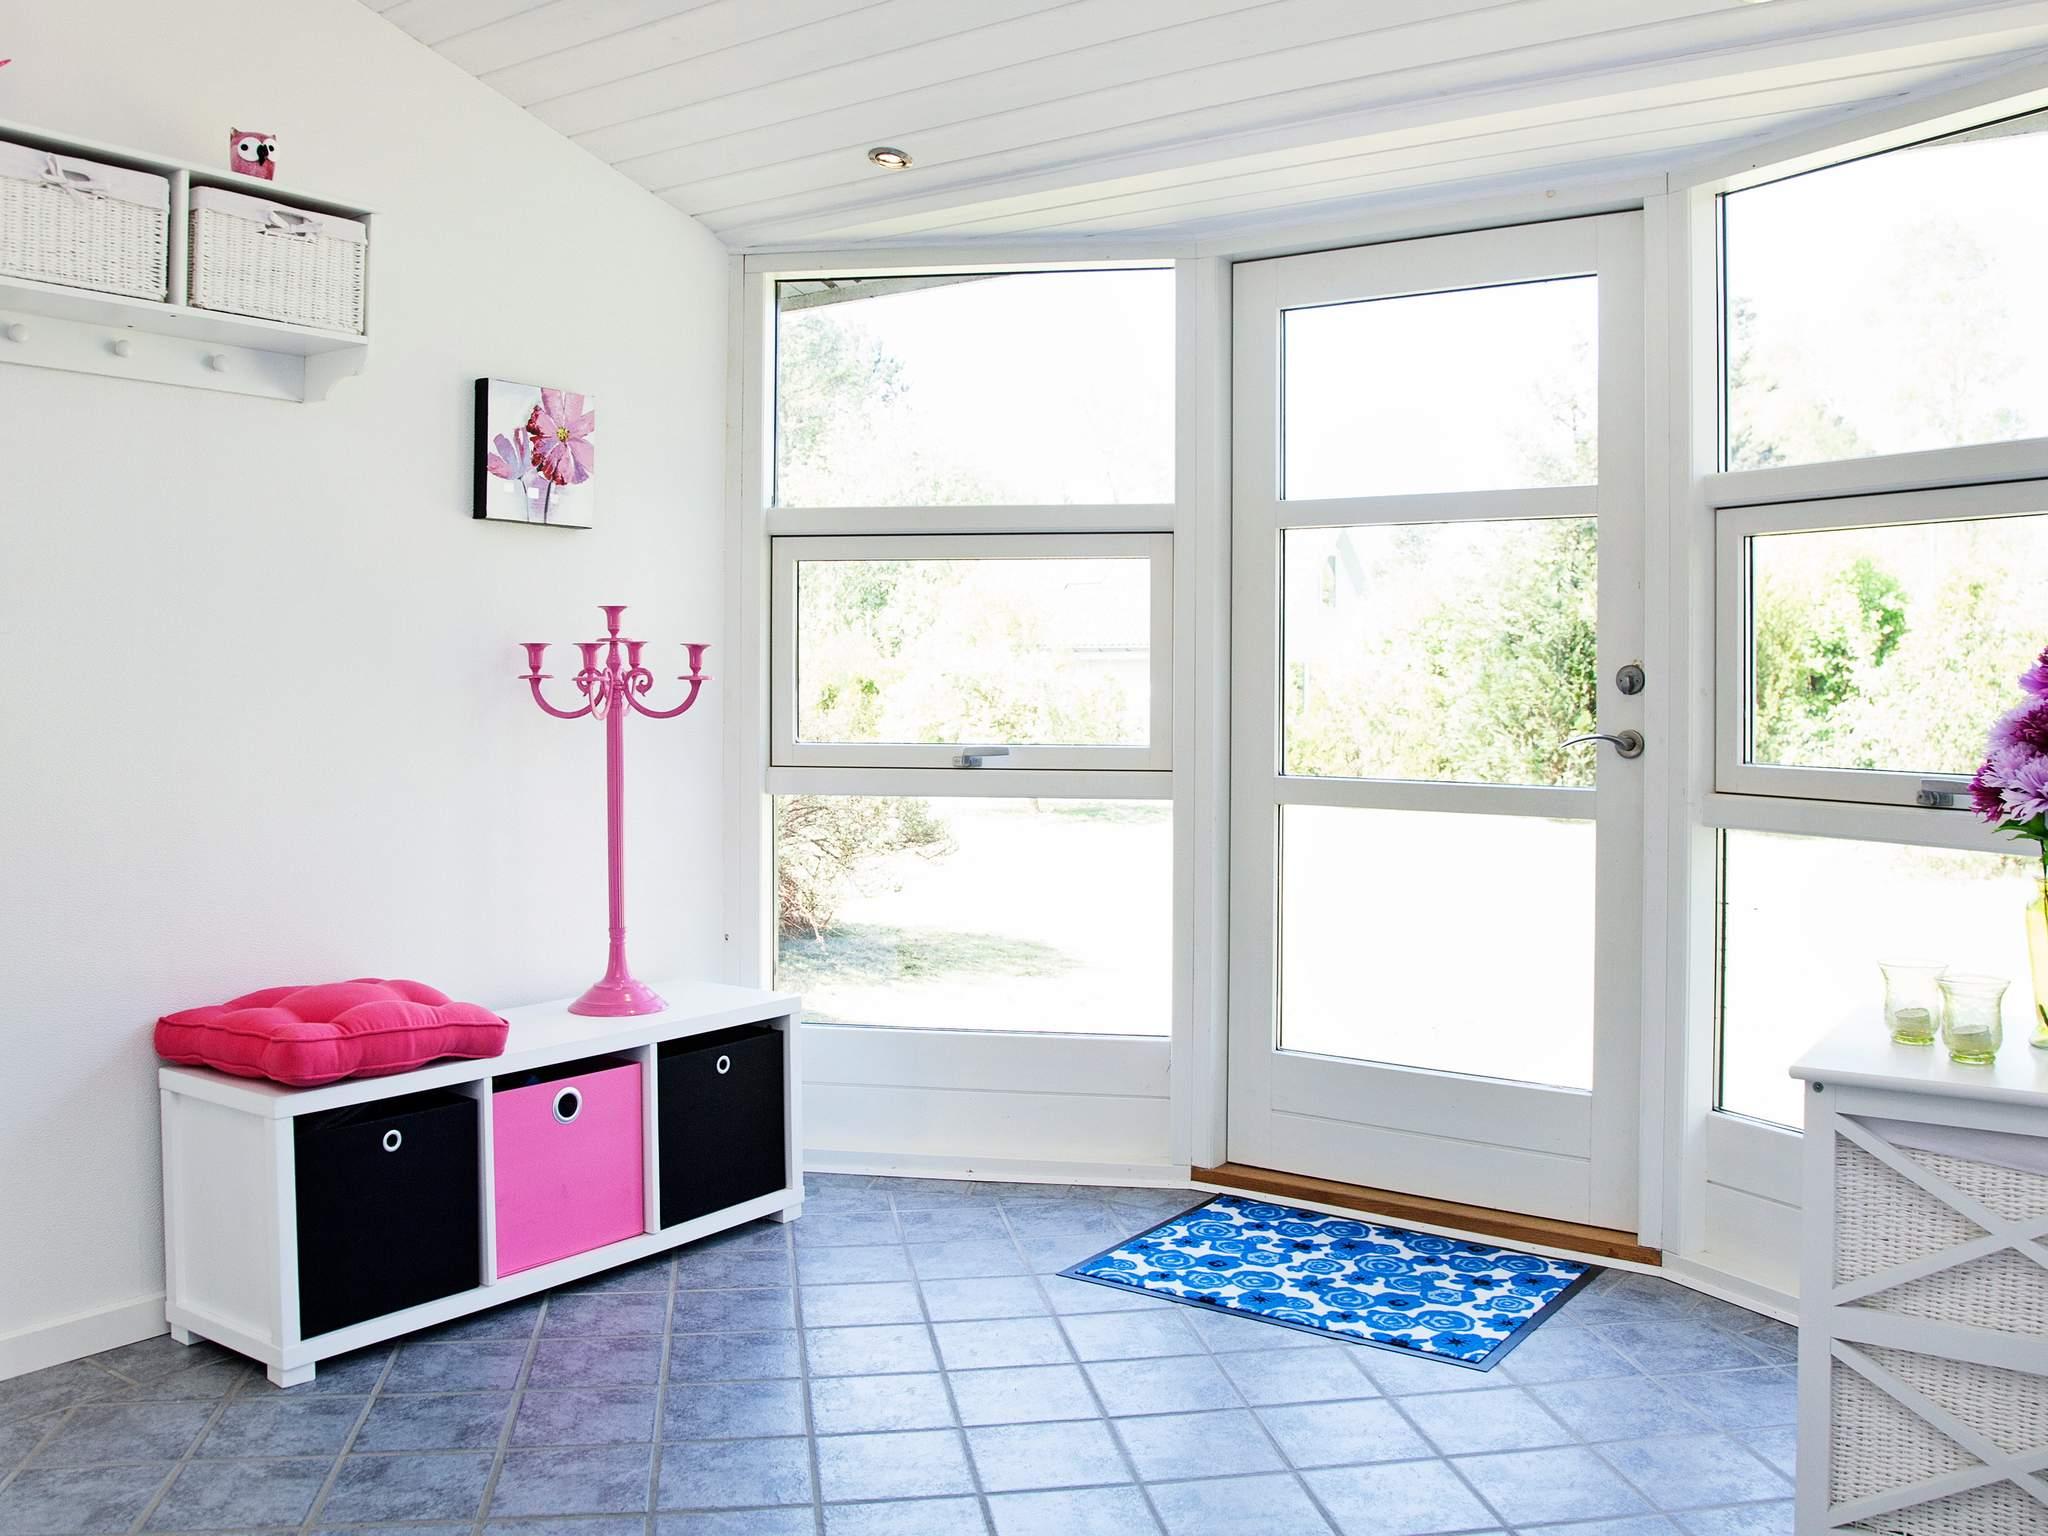 Ferienhaus Røsnæs/Vollerup (978617), Kalundborg, , Westseeland, Dänemark, Bild 7